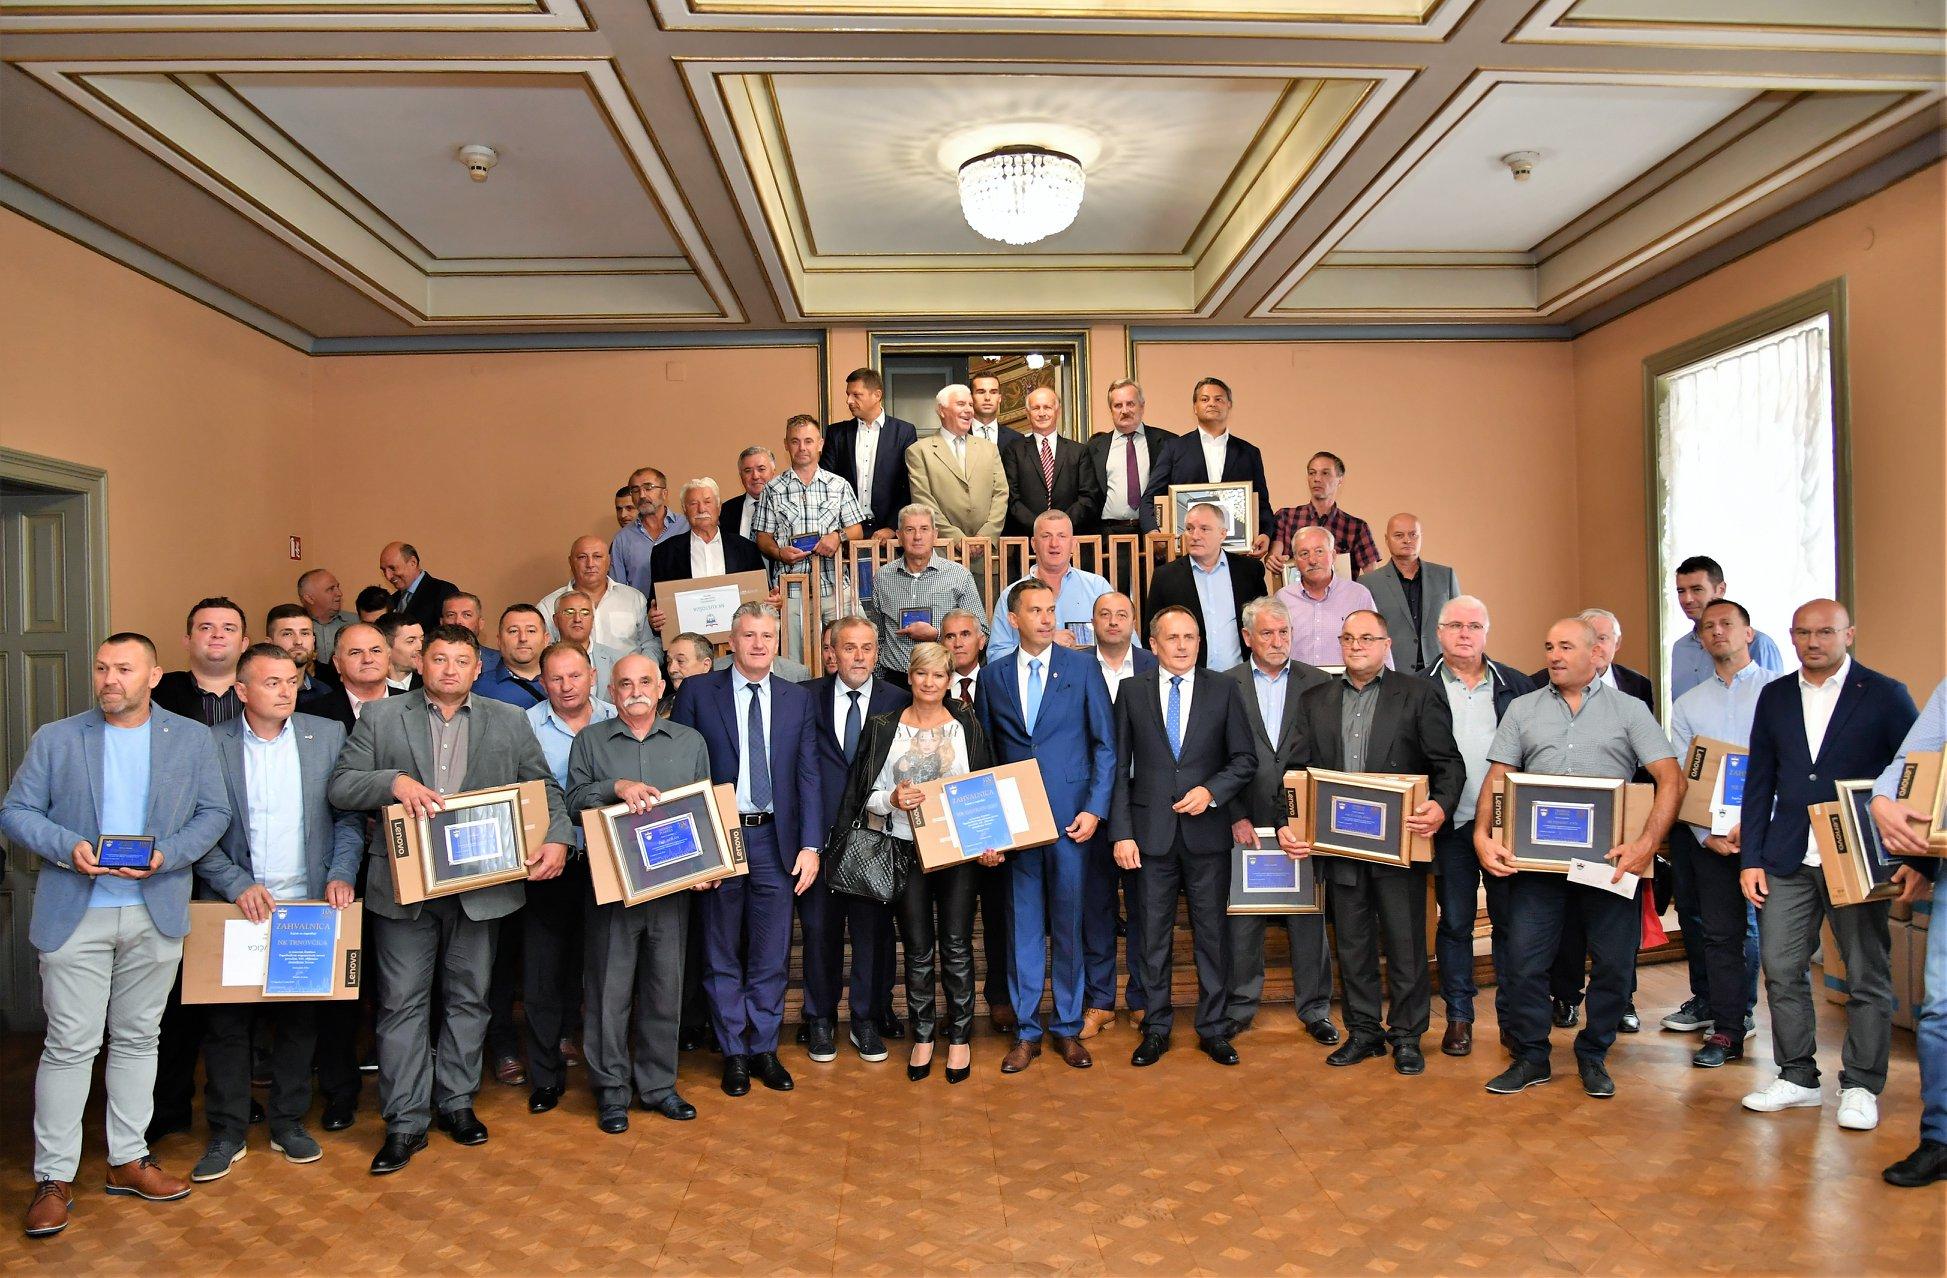 Zagrebački nogometni savez slavi jubilarnu 100. godišnjicu osnutka